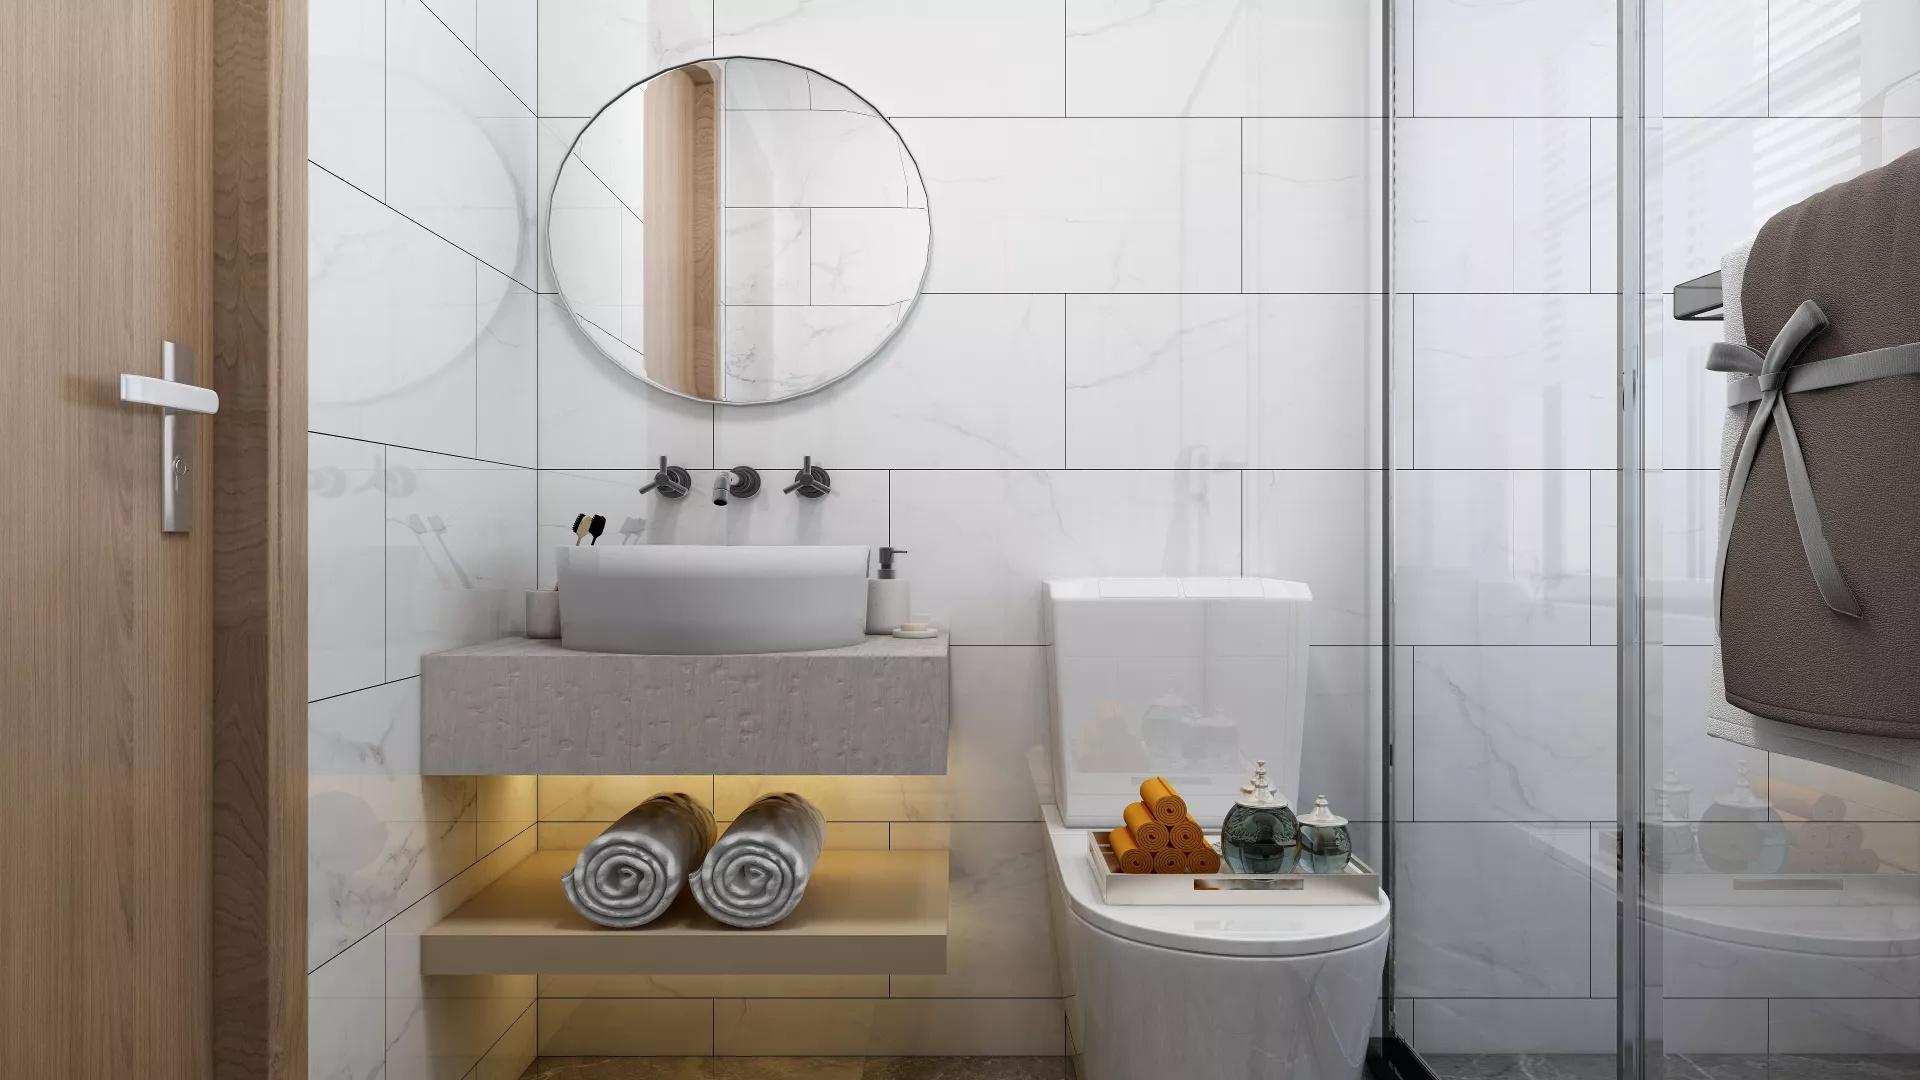 别墅外墙瓷砖如何选择?别墅外墙瓷砖选购看什么?